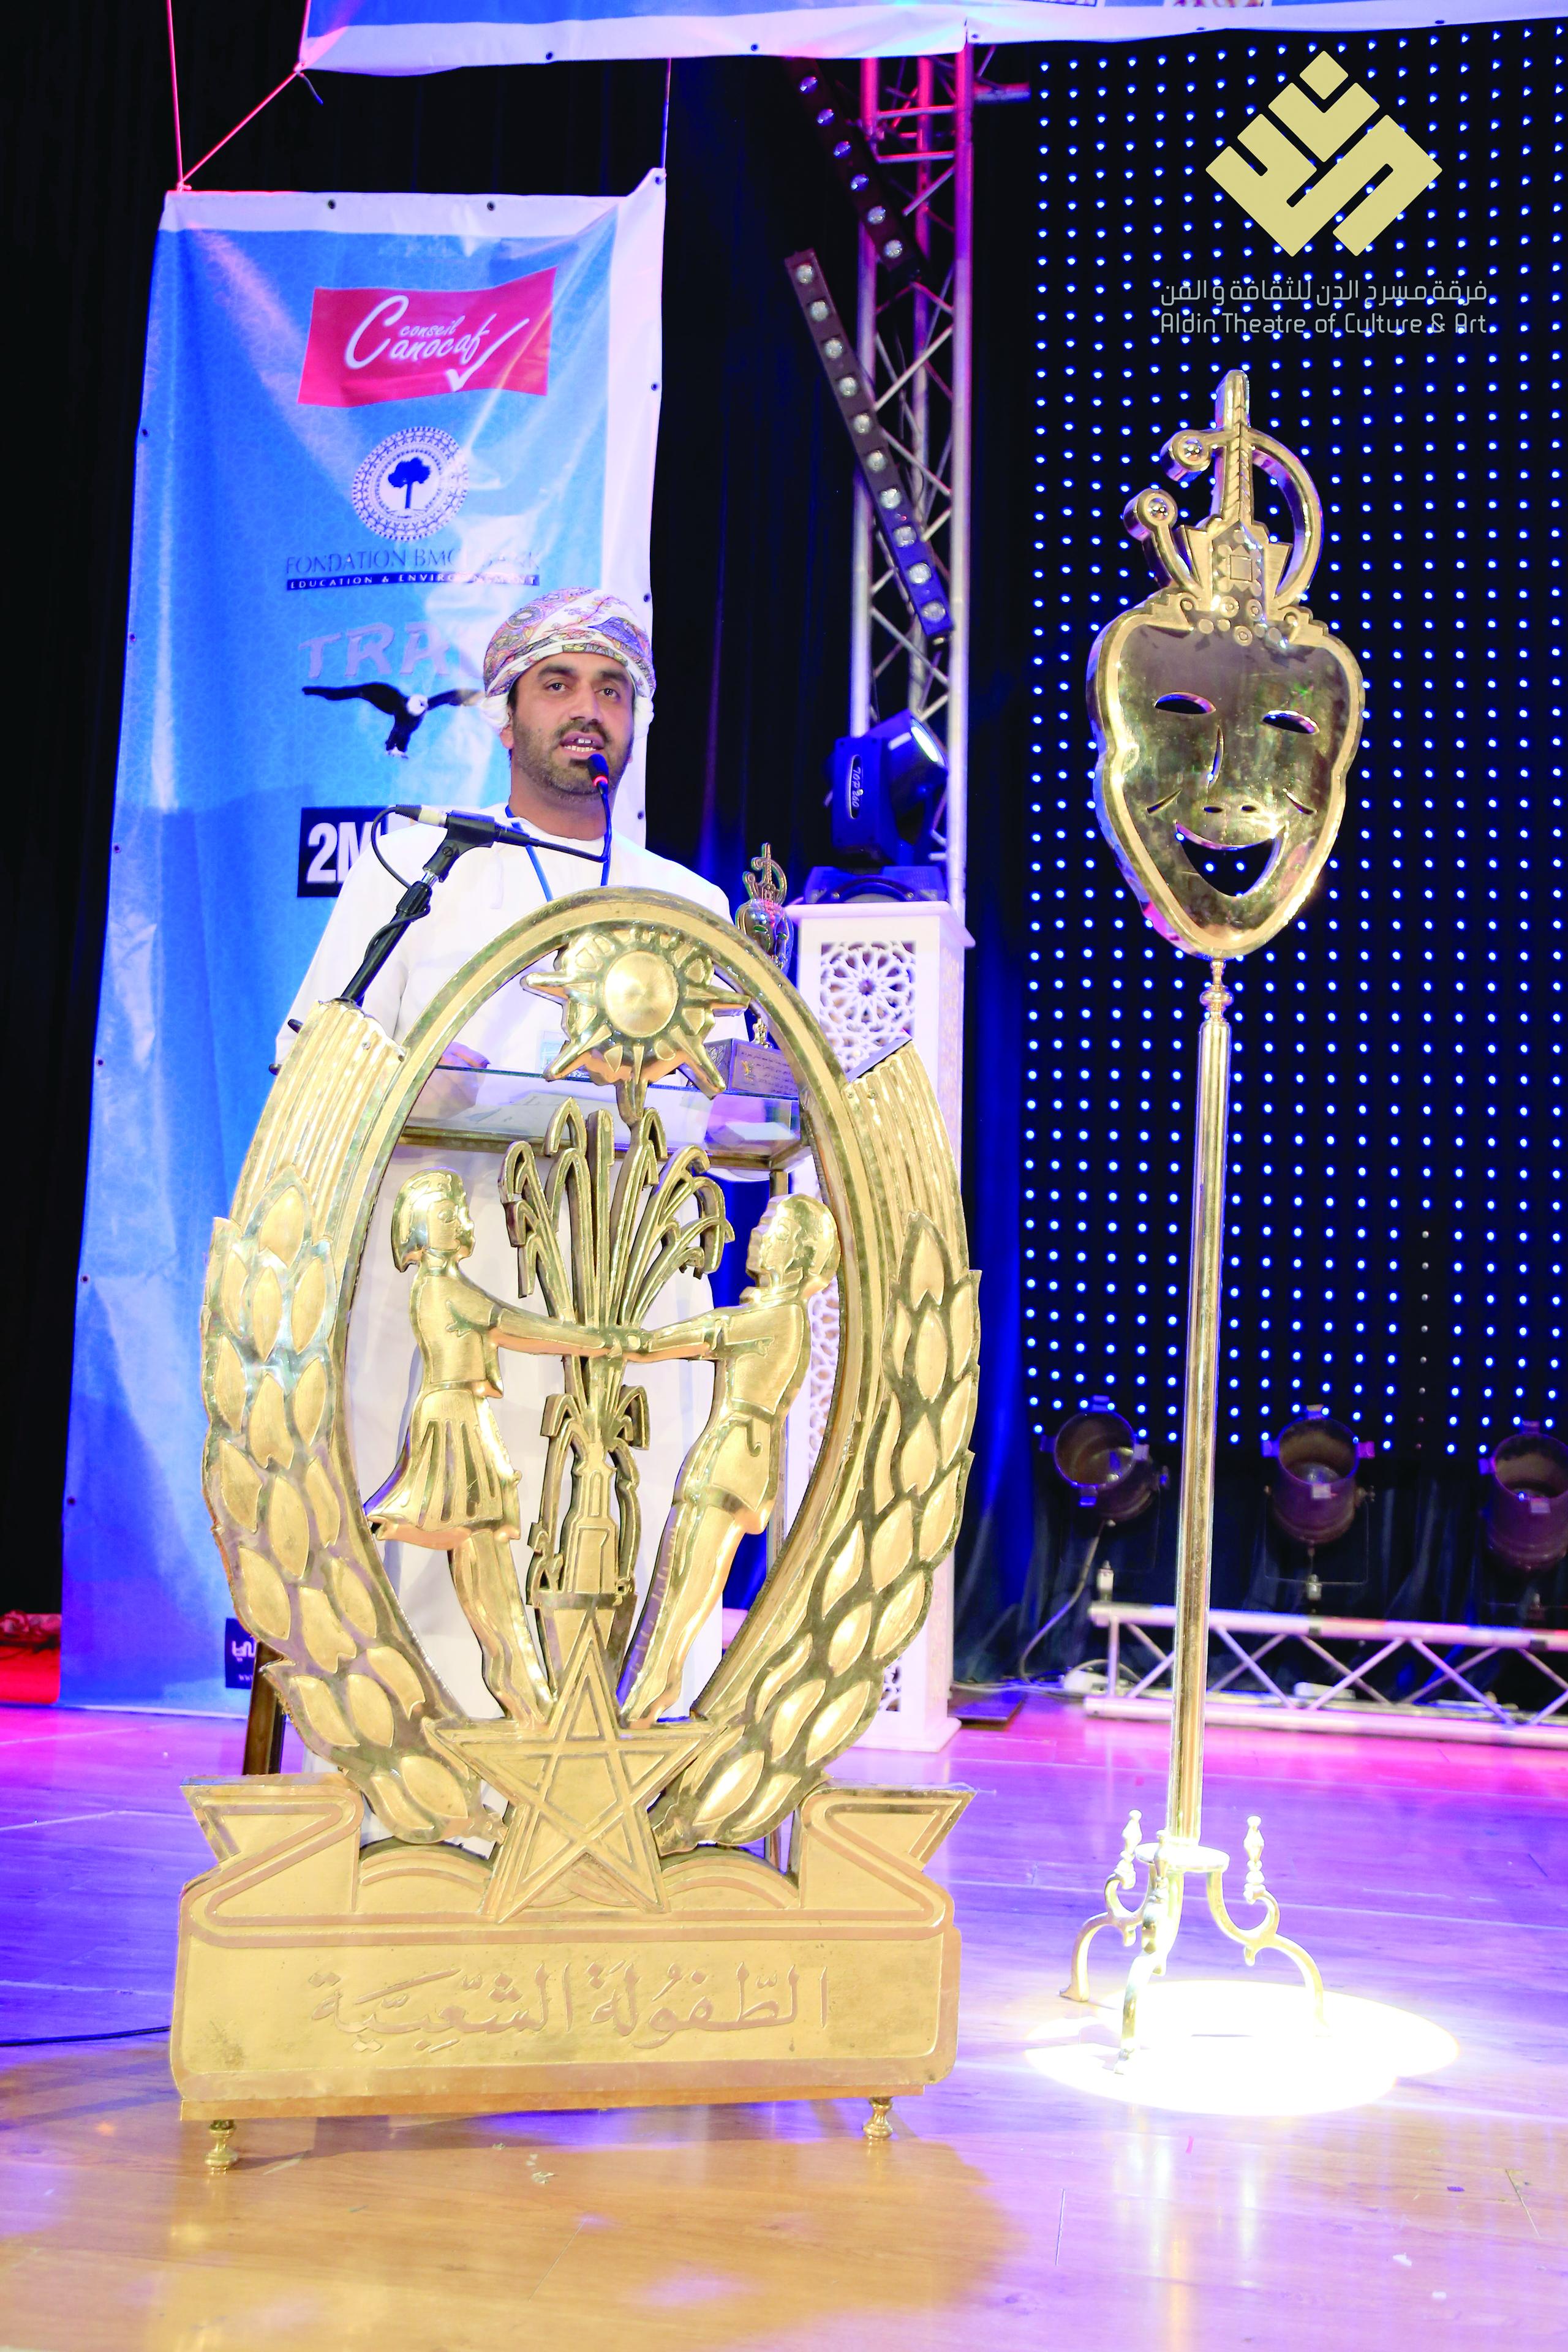 فرقة مسرح الدن تحرز أكبر جائزة لمسرح الطفل بالمغرب